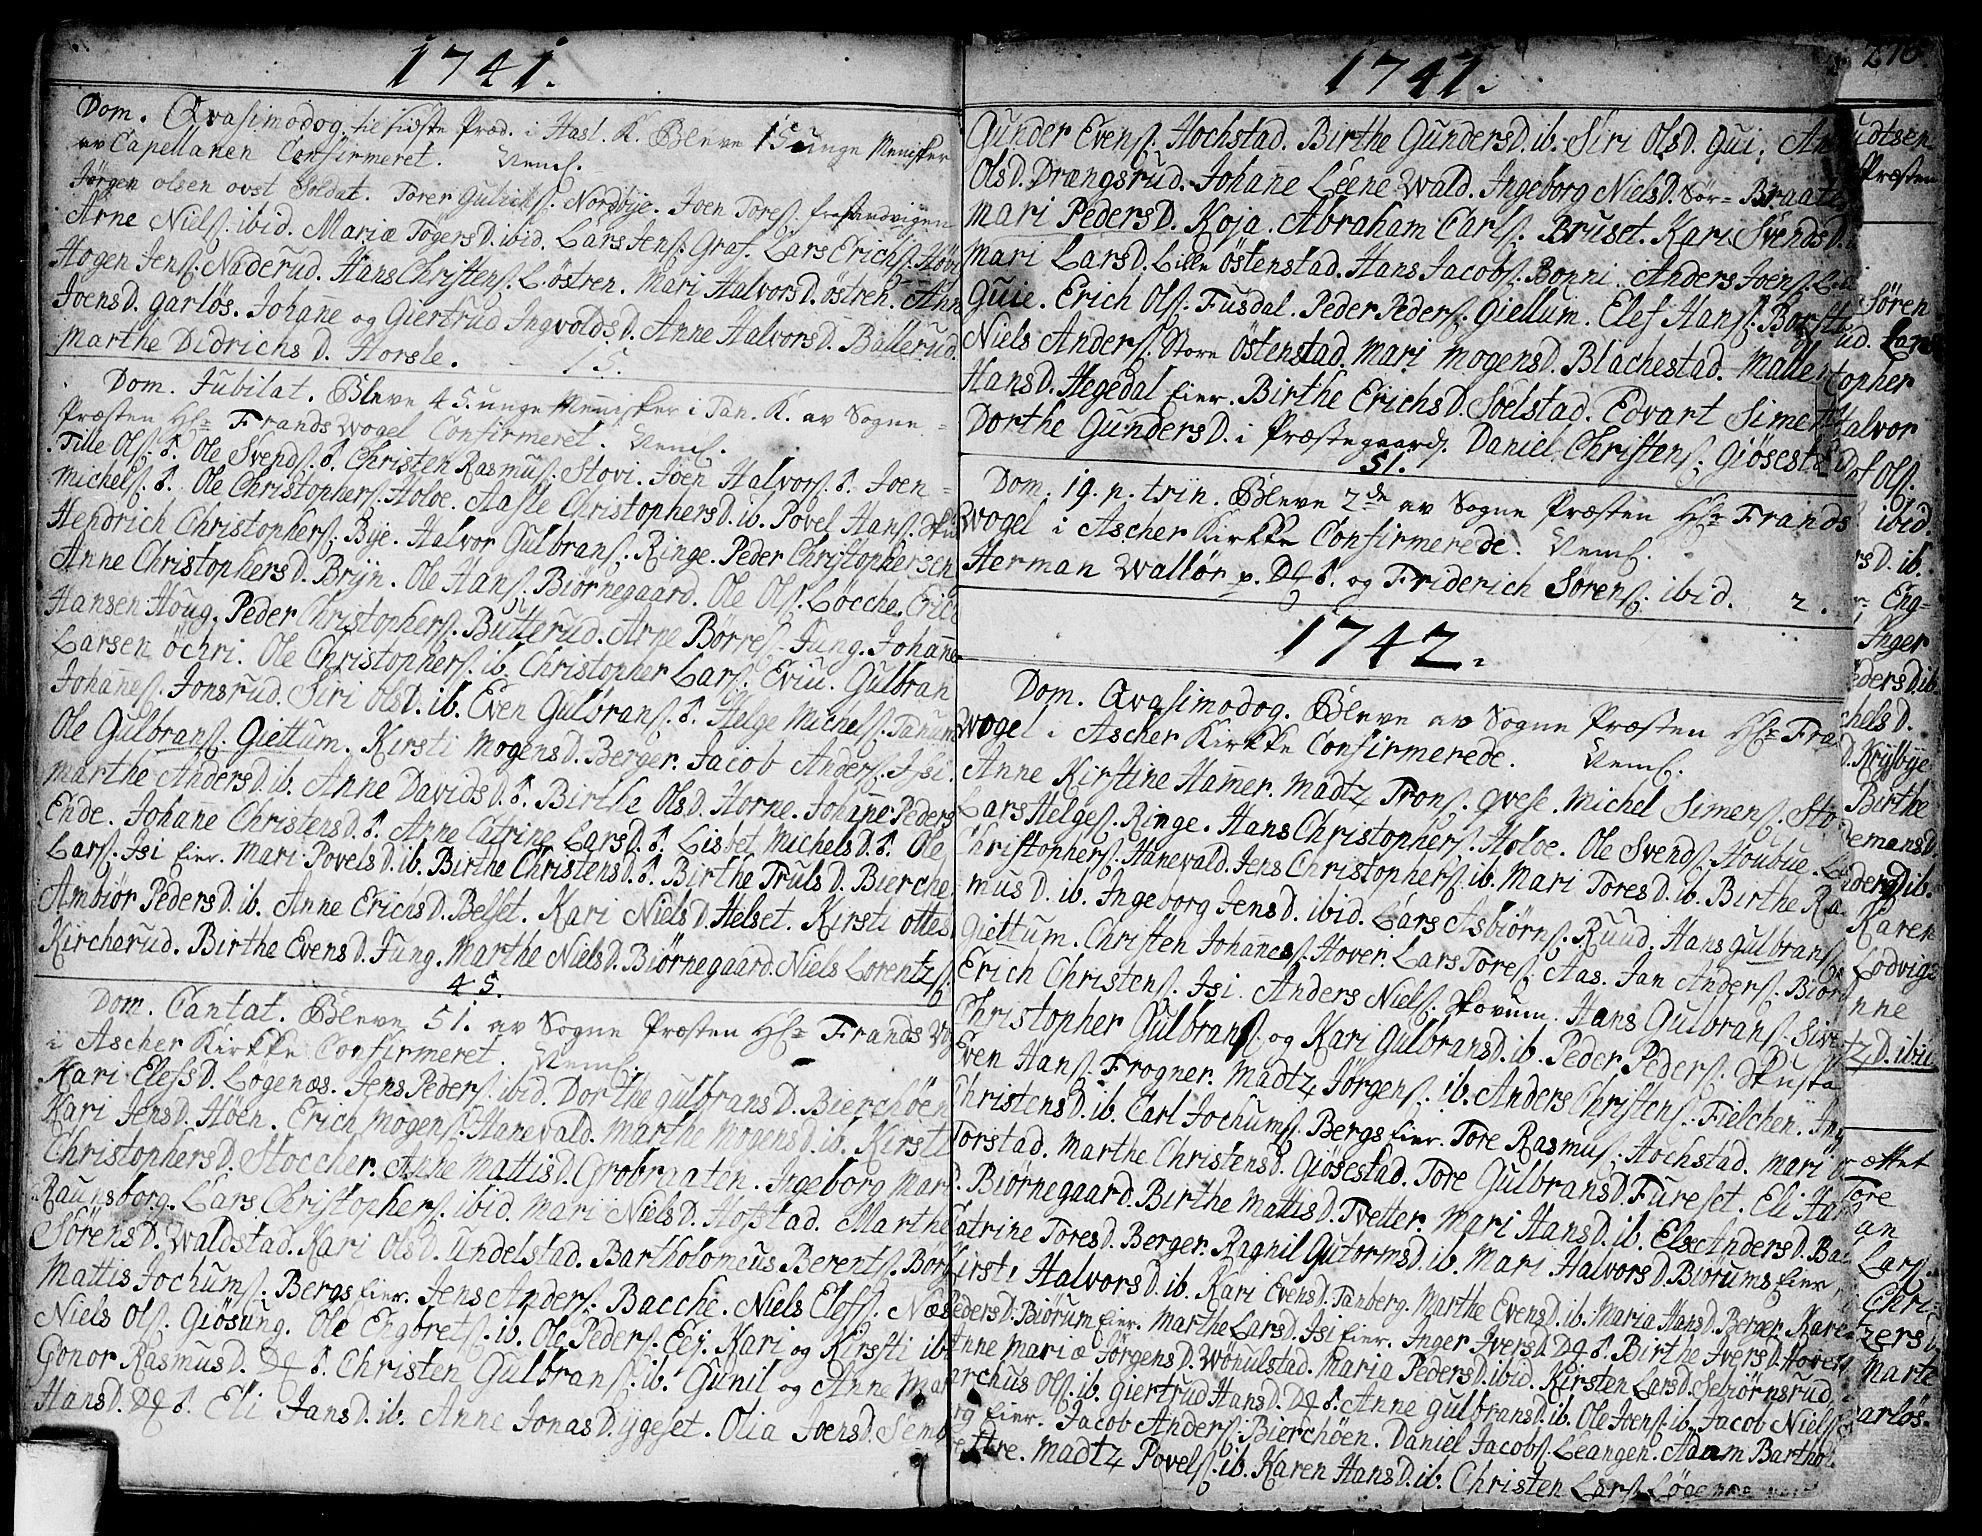 SAO, Asker prestekontor Kirkebøker, F/Fa/L0002: Ministerialbok nr. I 2, 1733-1766, s. 275